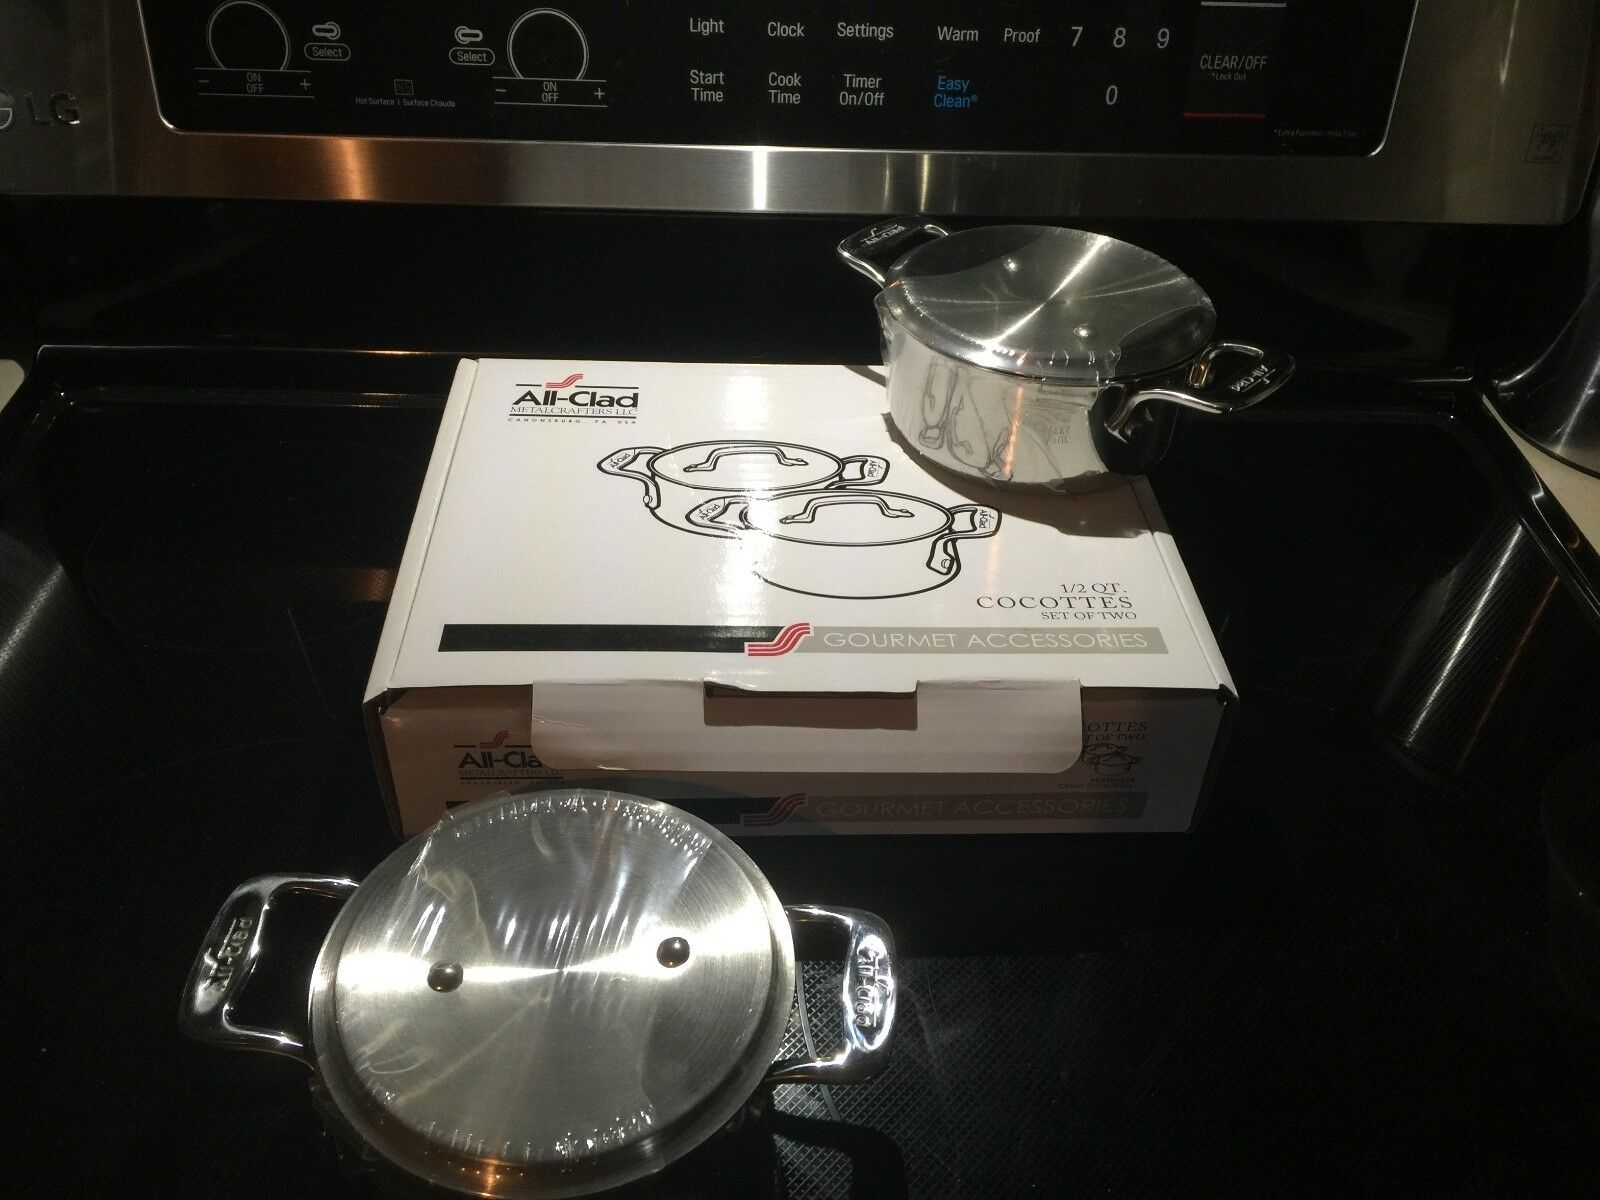 New in box) All Clad 1 2 Qt. cocottes (lot de deux) en acier inoxydable - 1 set disponible